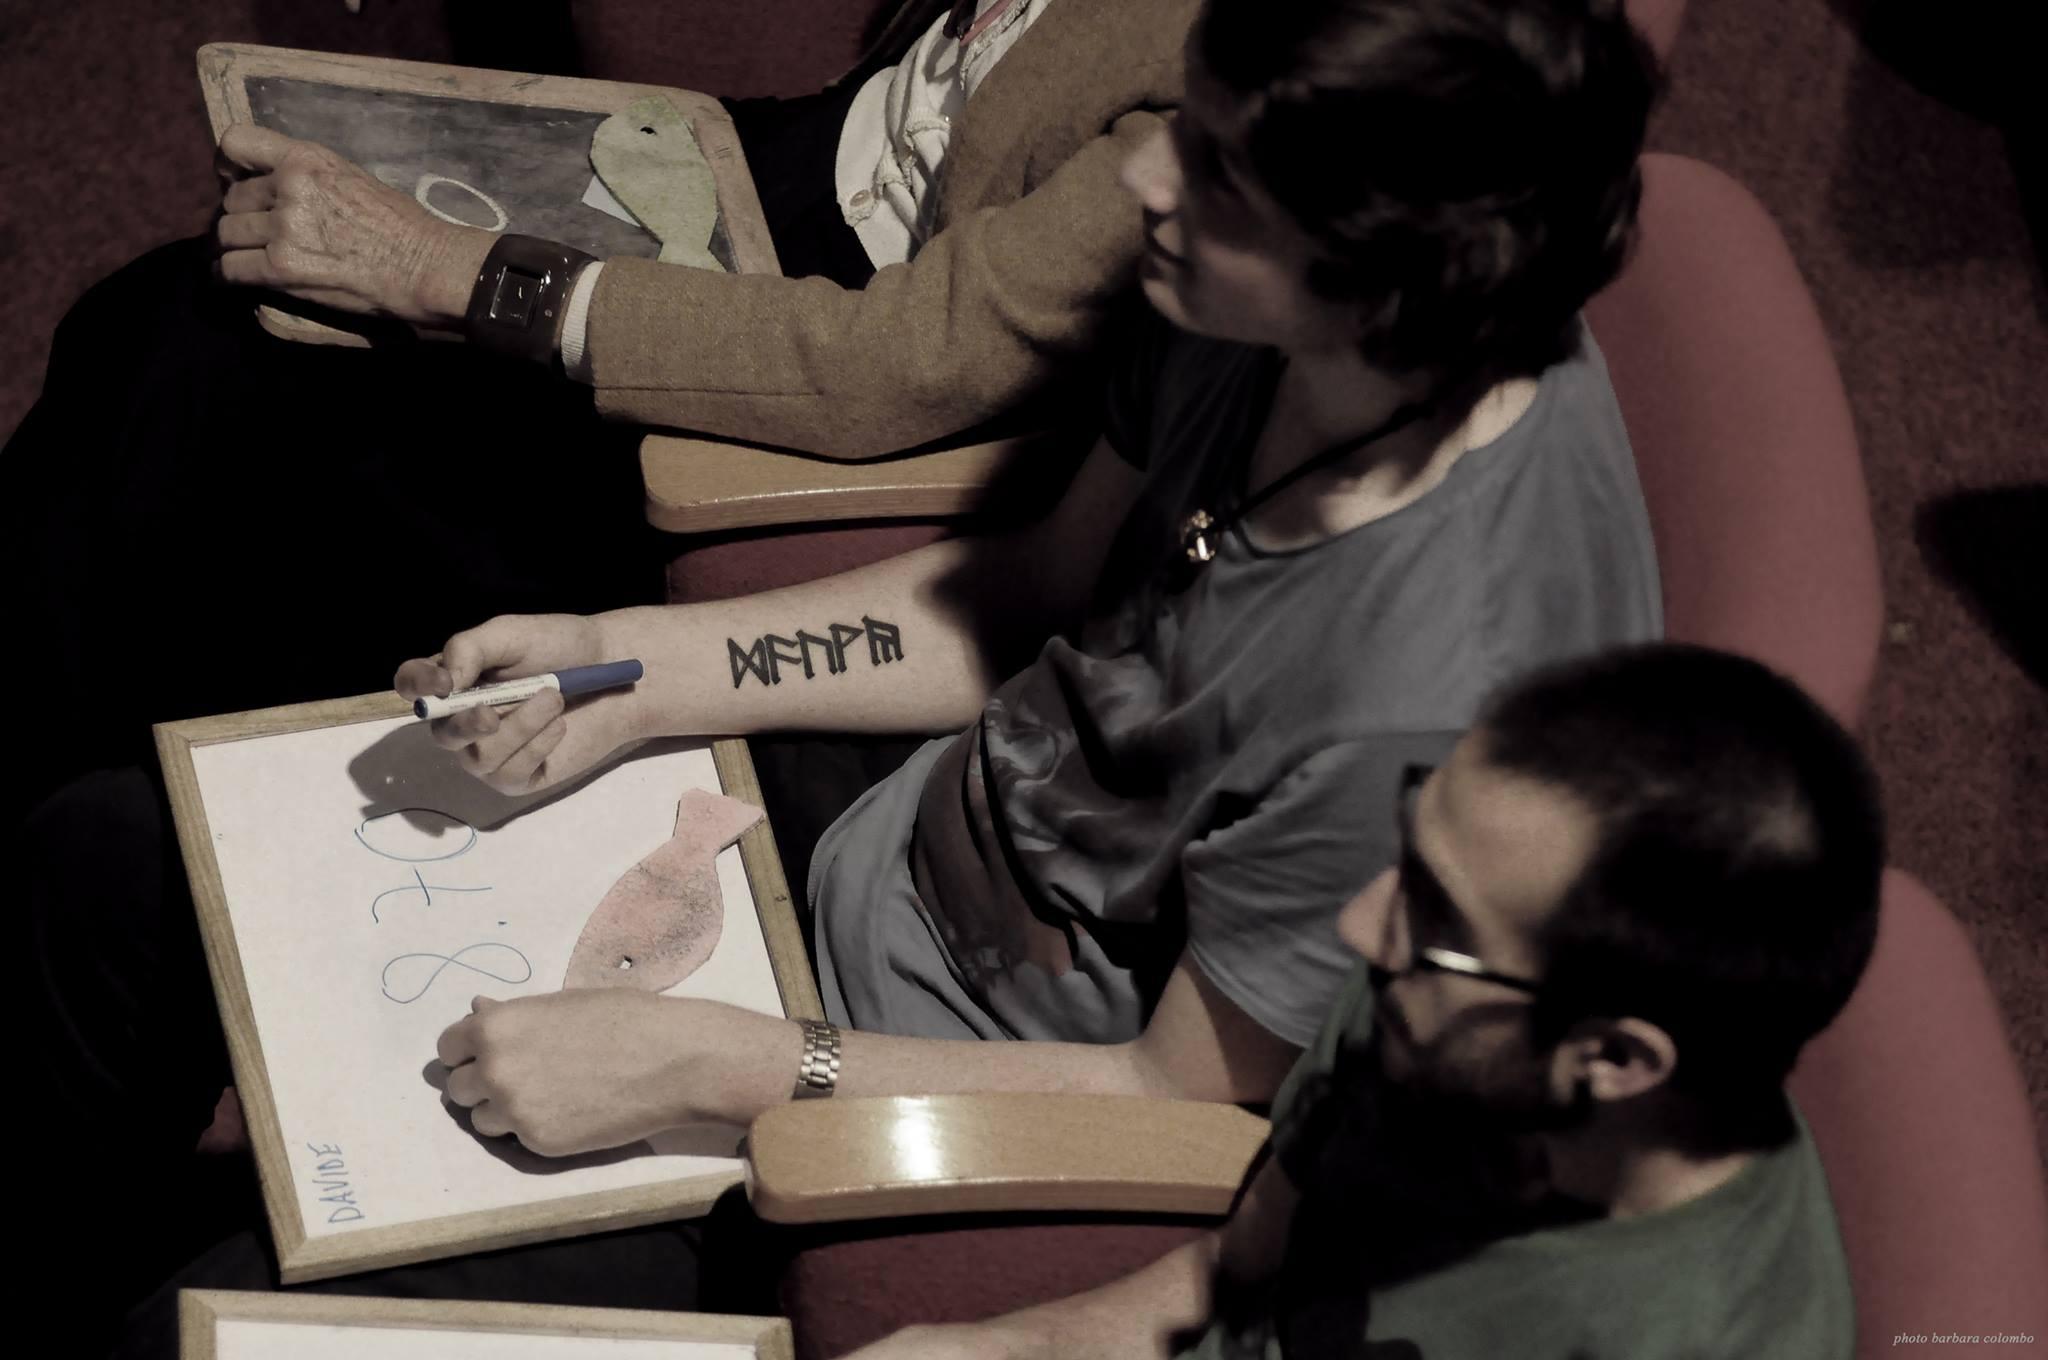 La giuria mentre si appresta ad assegnare una voto a una poesia - Finali LIPS 2014, Festival PoesiaPresente (a cura di Mille Gru), foto Barbara Colombo